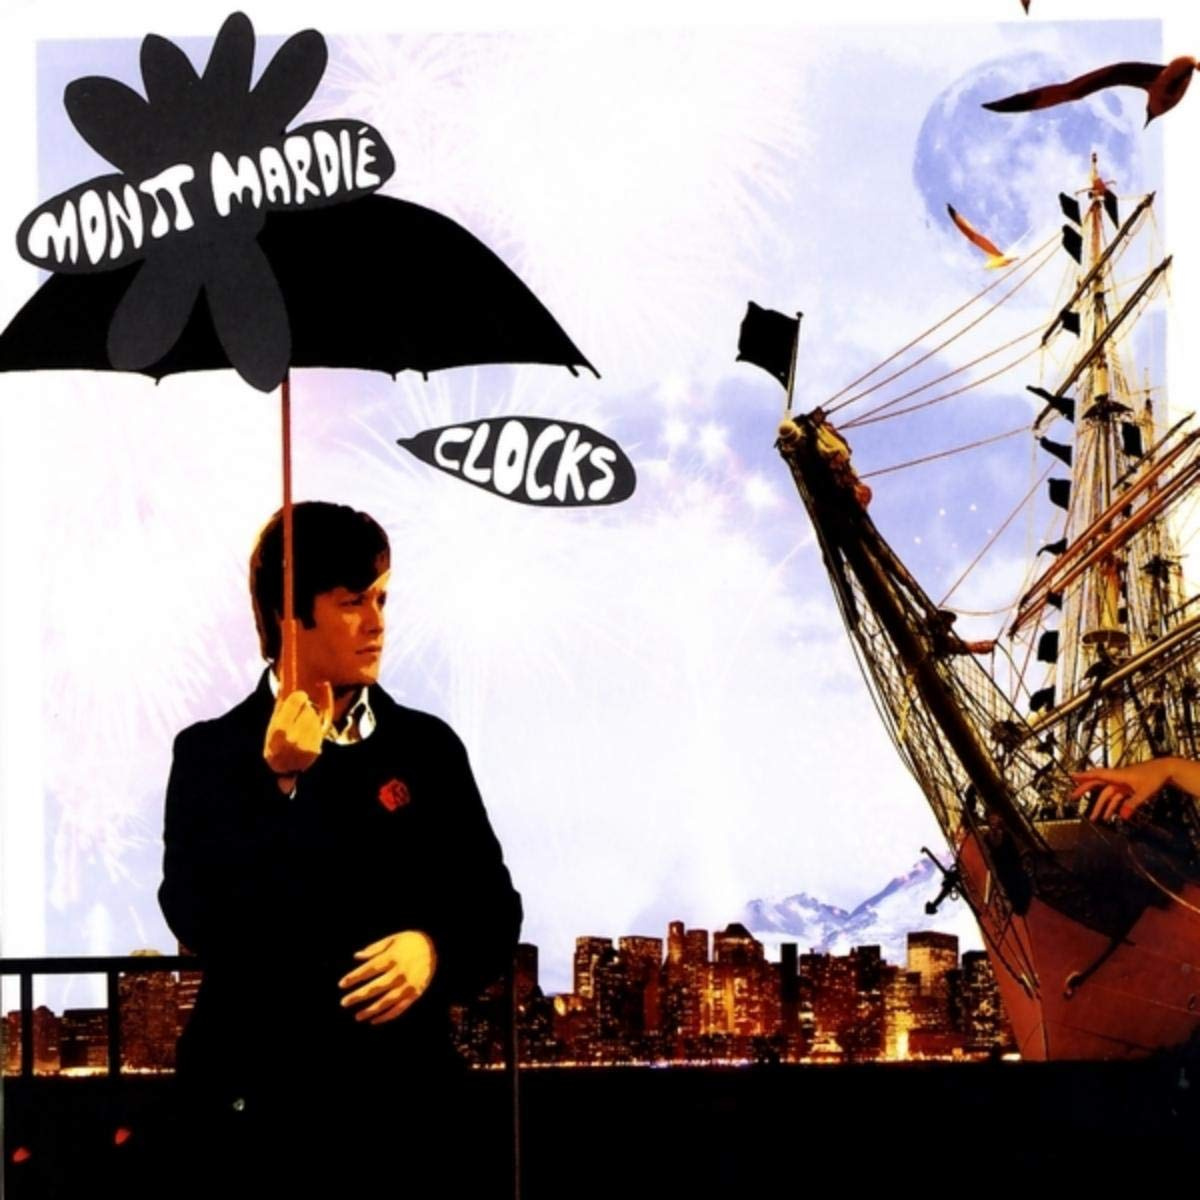 Montt Mardie - Clocks / Pretender (2007) [FLAC] Download